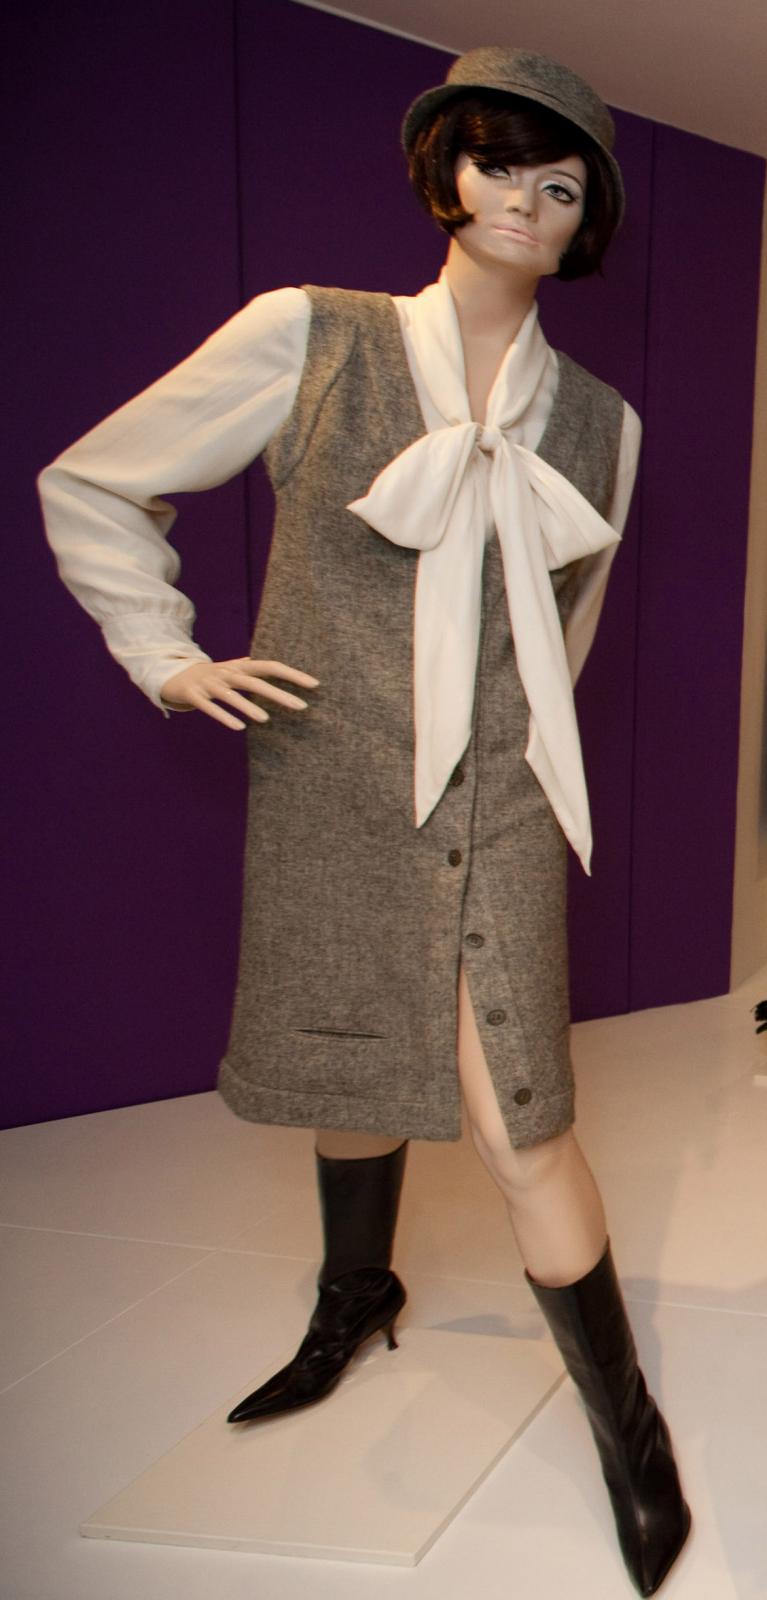 Dress of the Year - 1963.  Photo courtesy of fashionmuseum.co.uk.